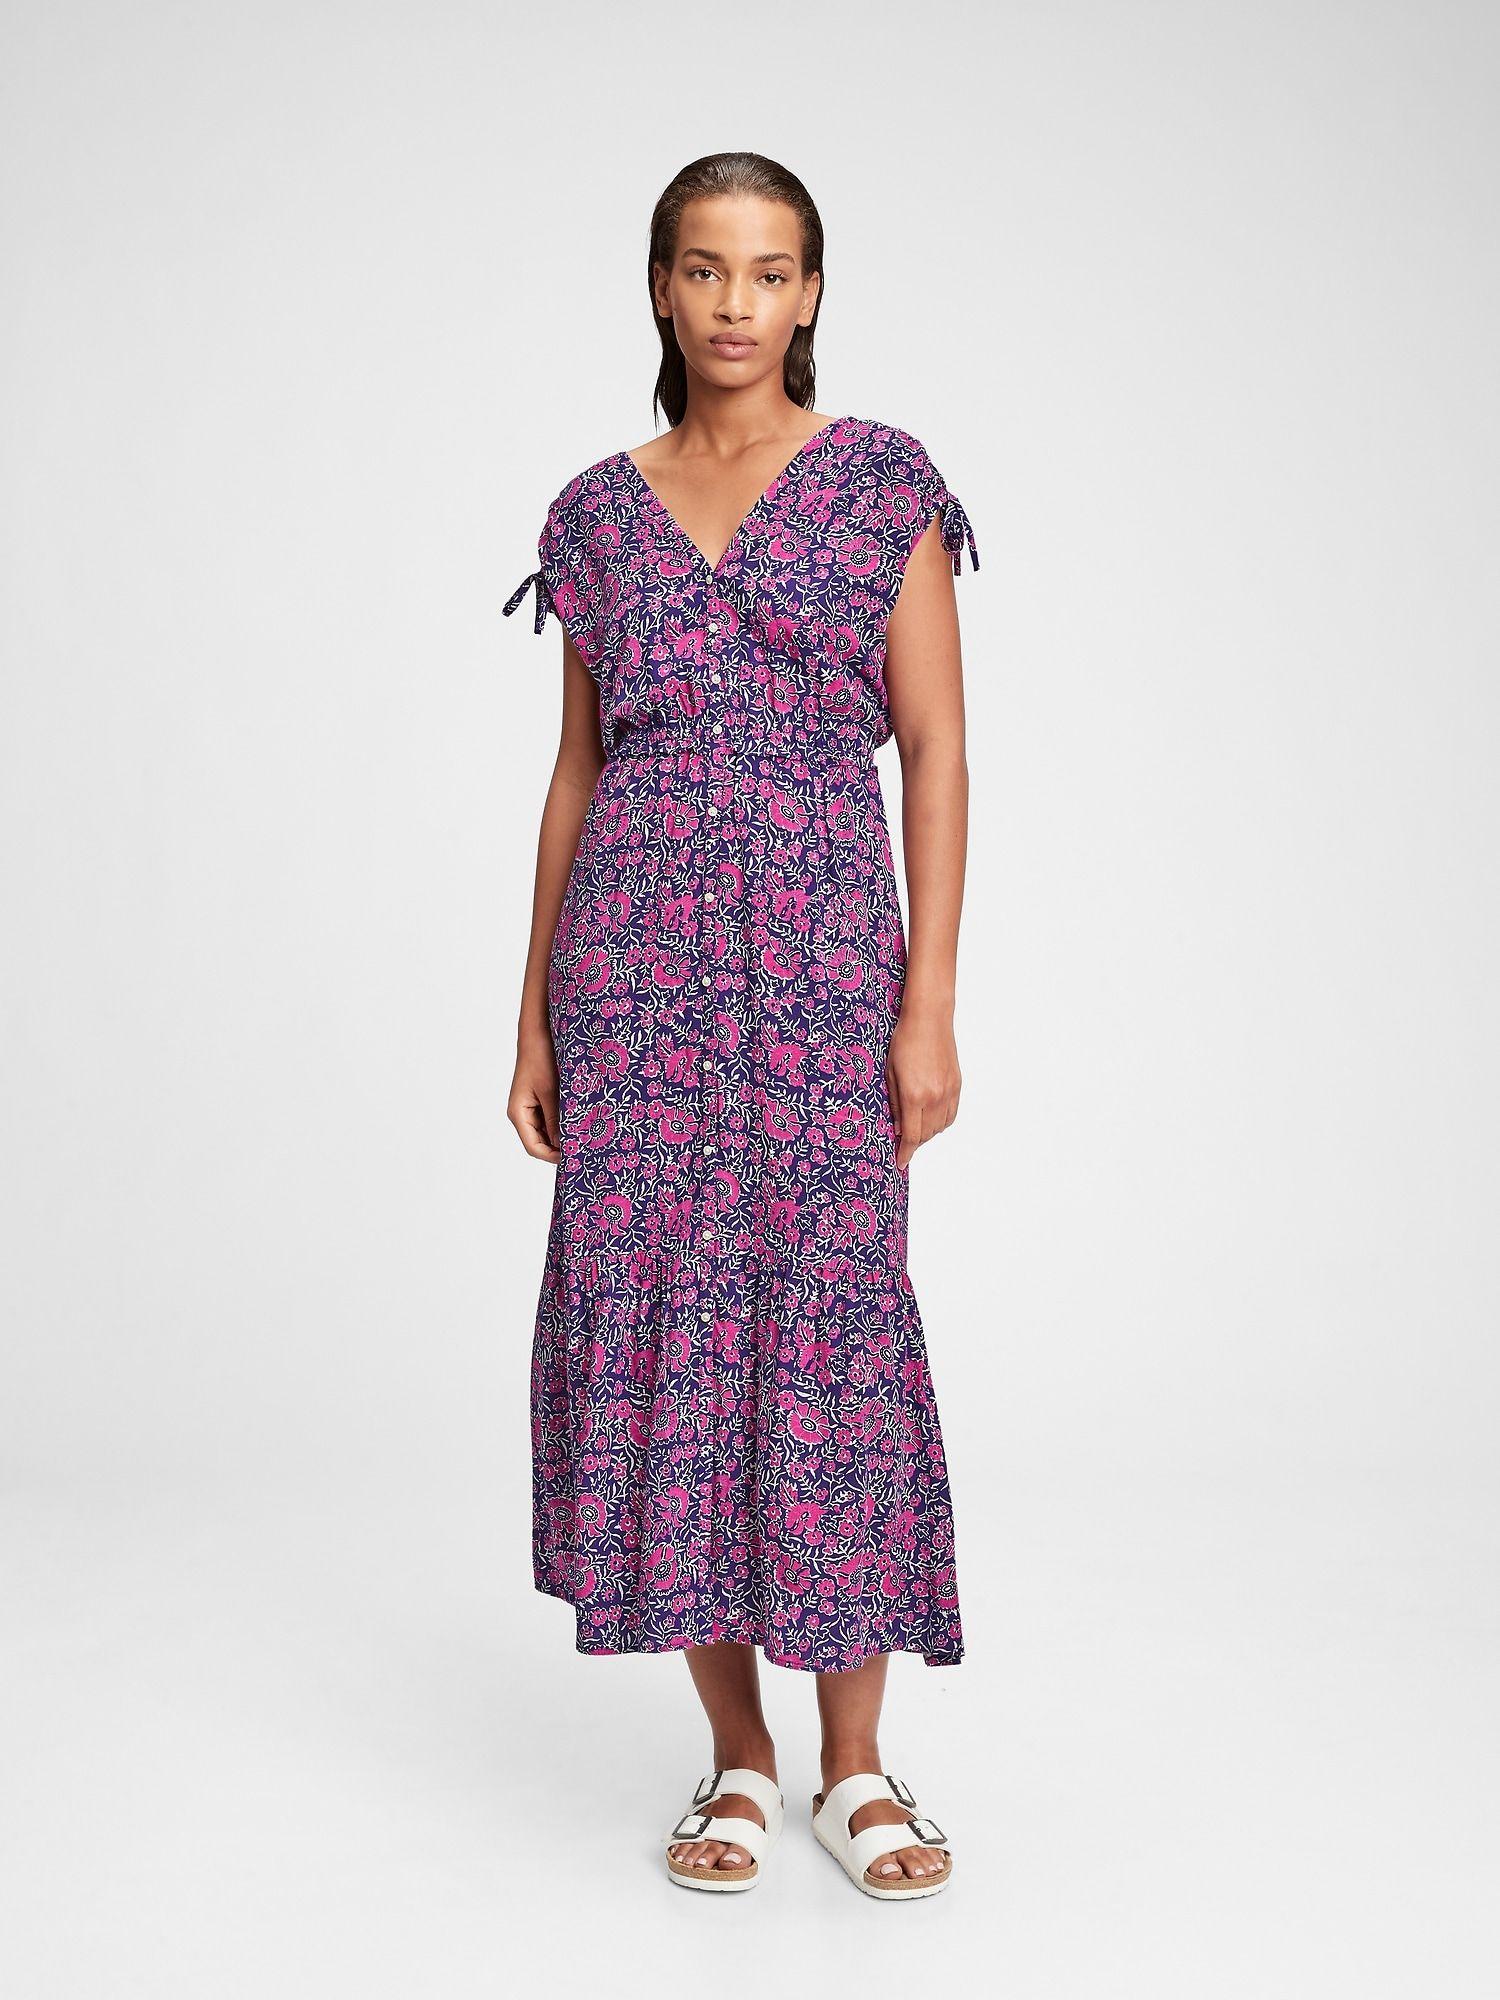 Ruched Shoulder Maxi Dress In 2021 Shoulder Maxi Dress Maxi Dress Dresses [ 2000 x 1500 Pixel ]